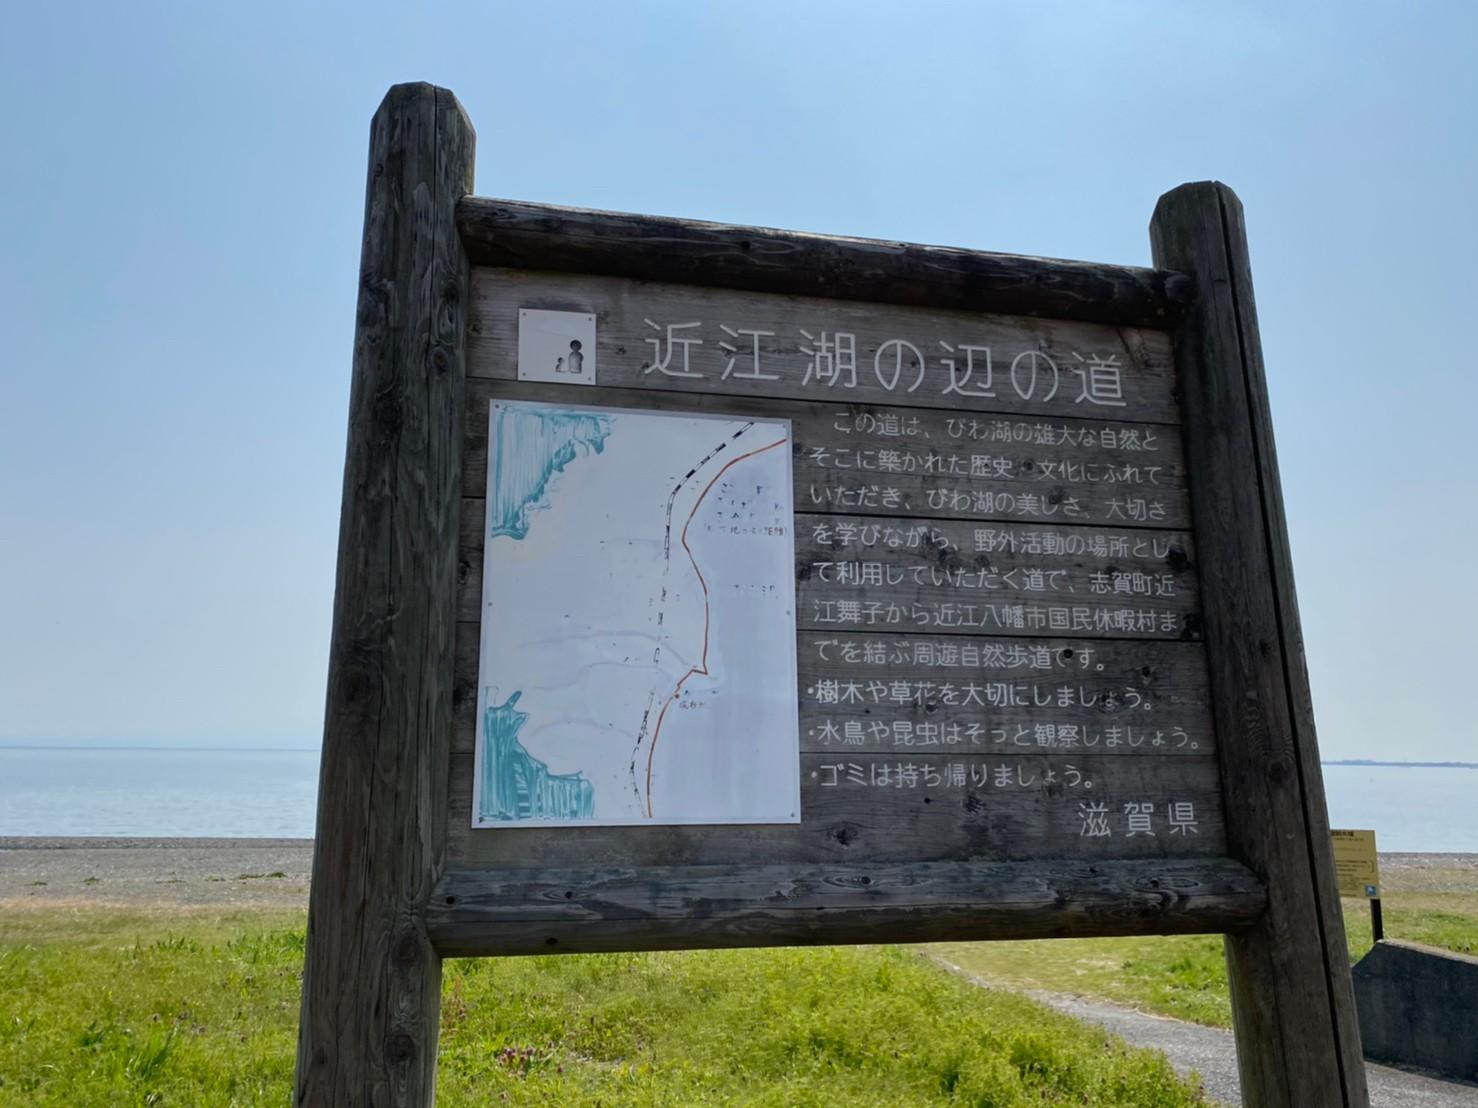 【高島市】『琵琶湖国定公園 今津周遊基地』のアウトドア情報